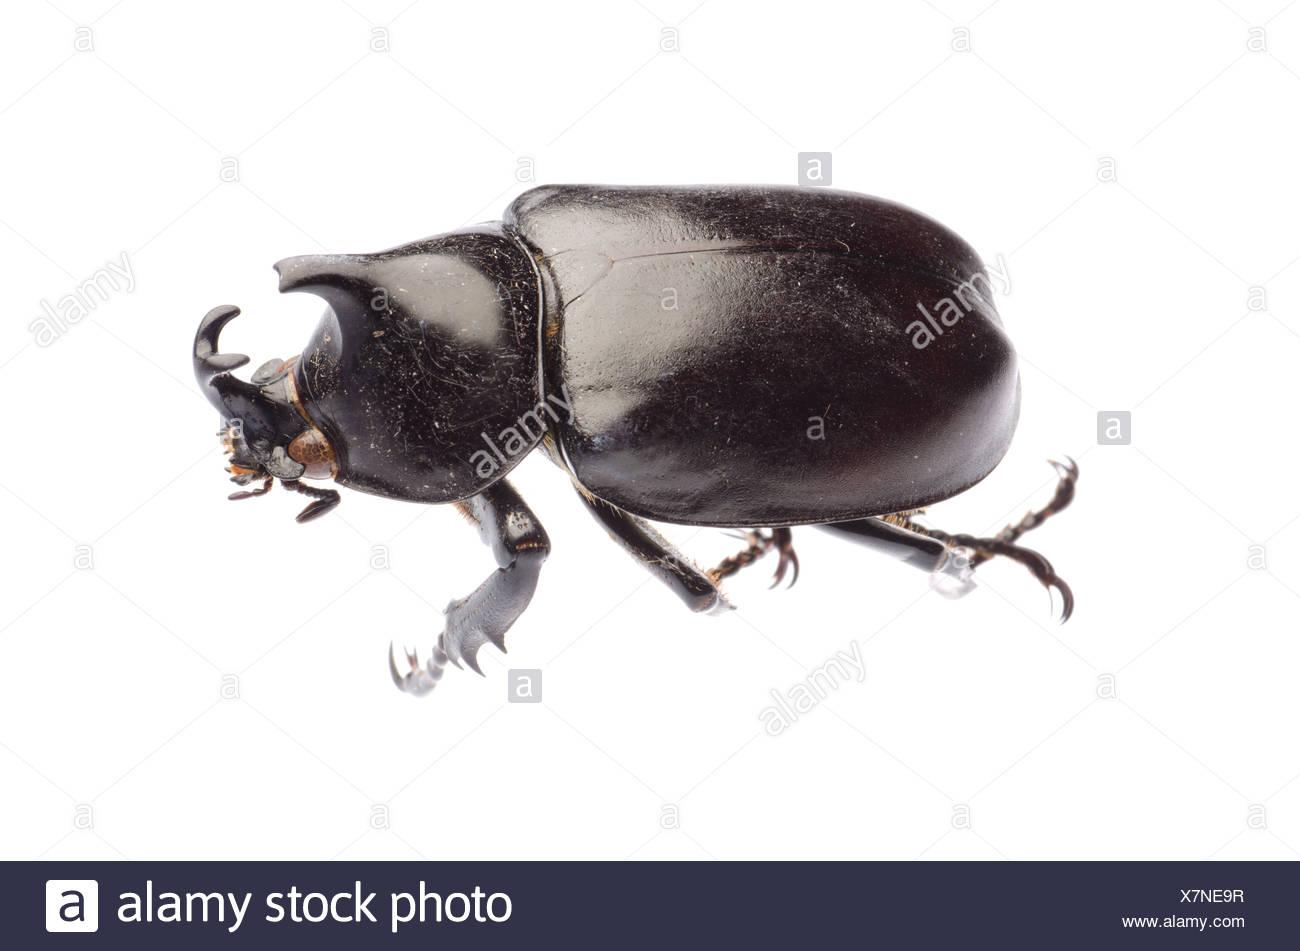 giant scarab rhino beetle - Stock Image